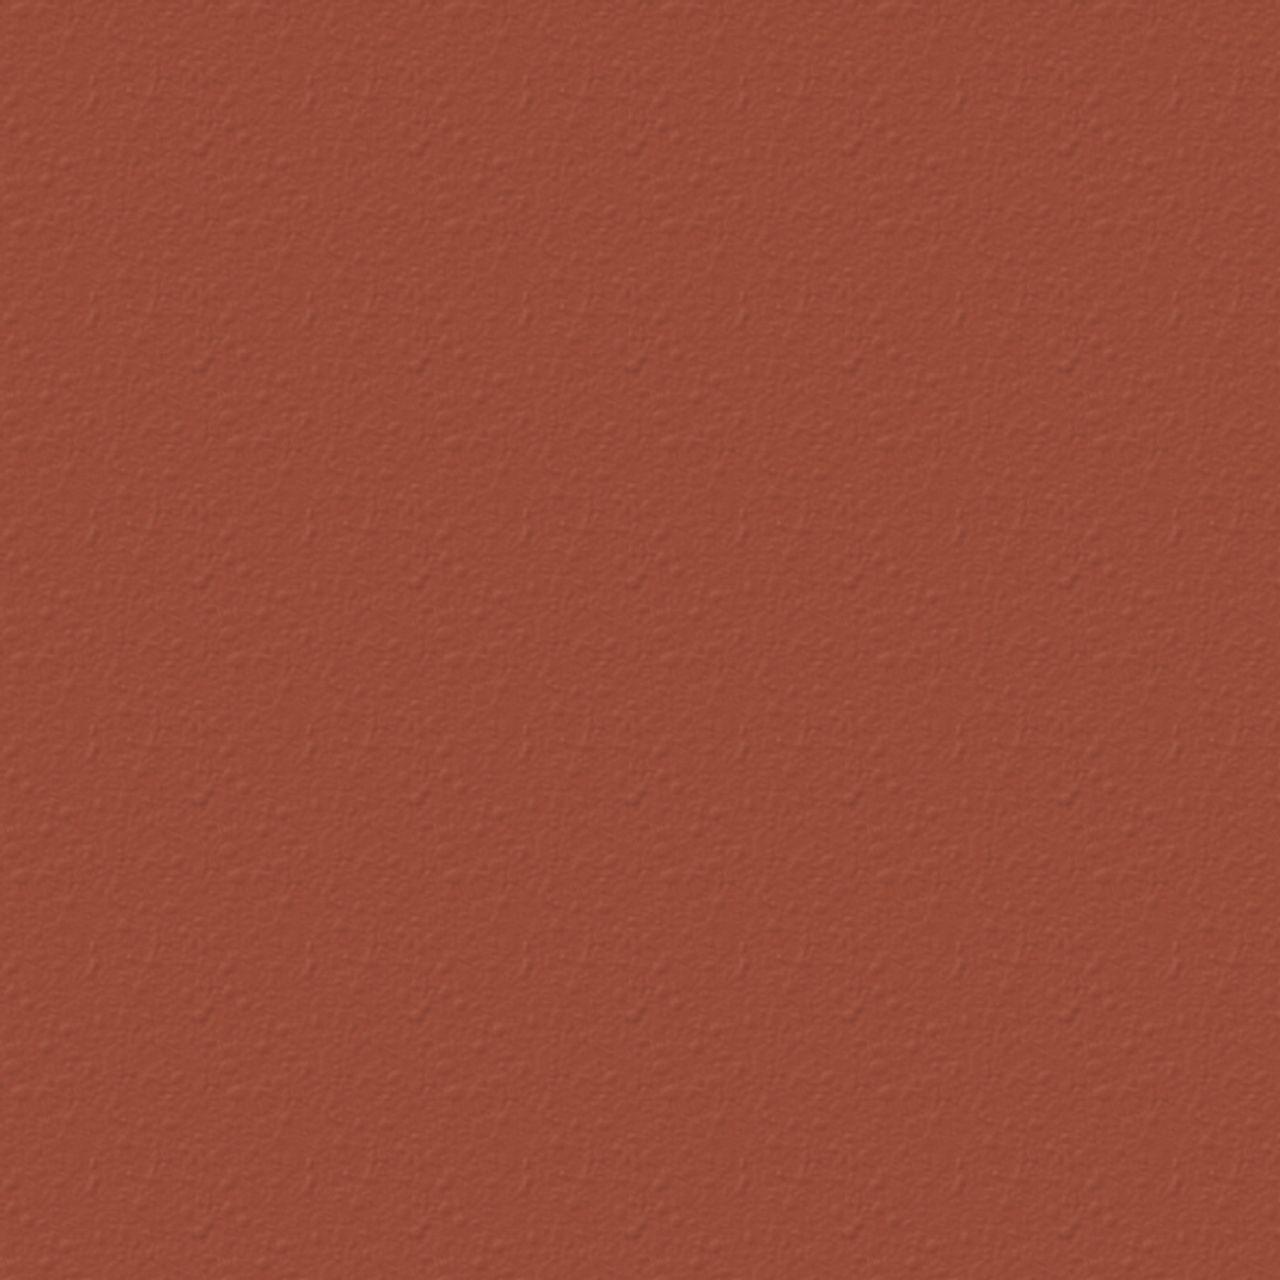 K11.4.4 English Red